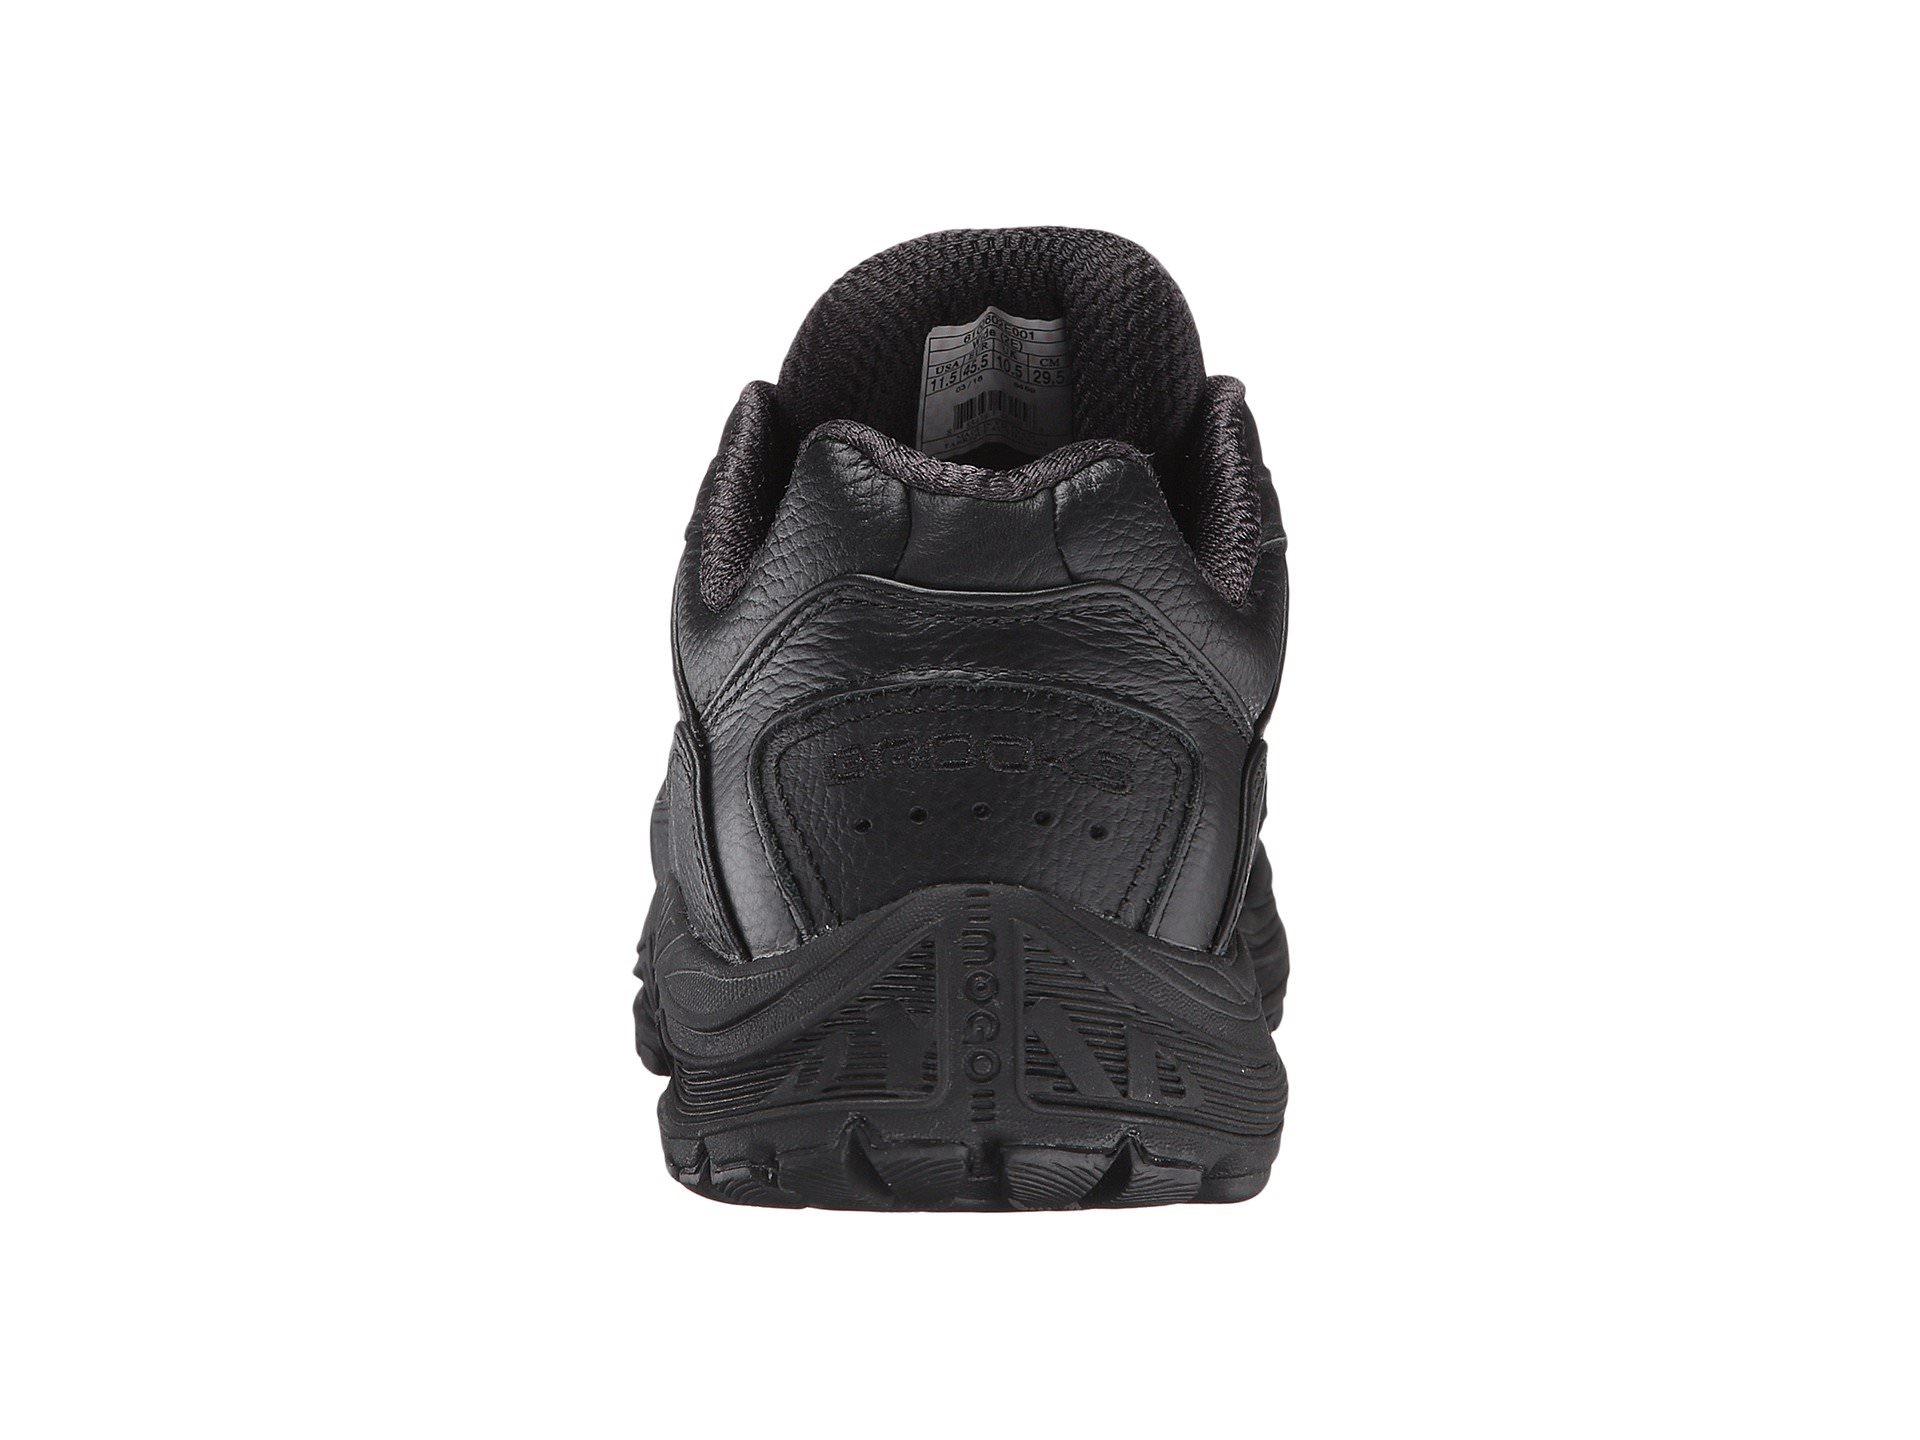 3cde52af3e701 Brooks Dyad Walker Men s Black Leather Walking Athletic Sneakers ...